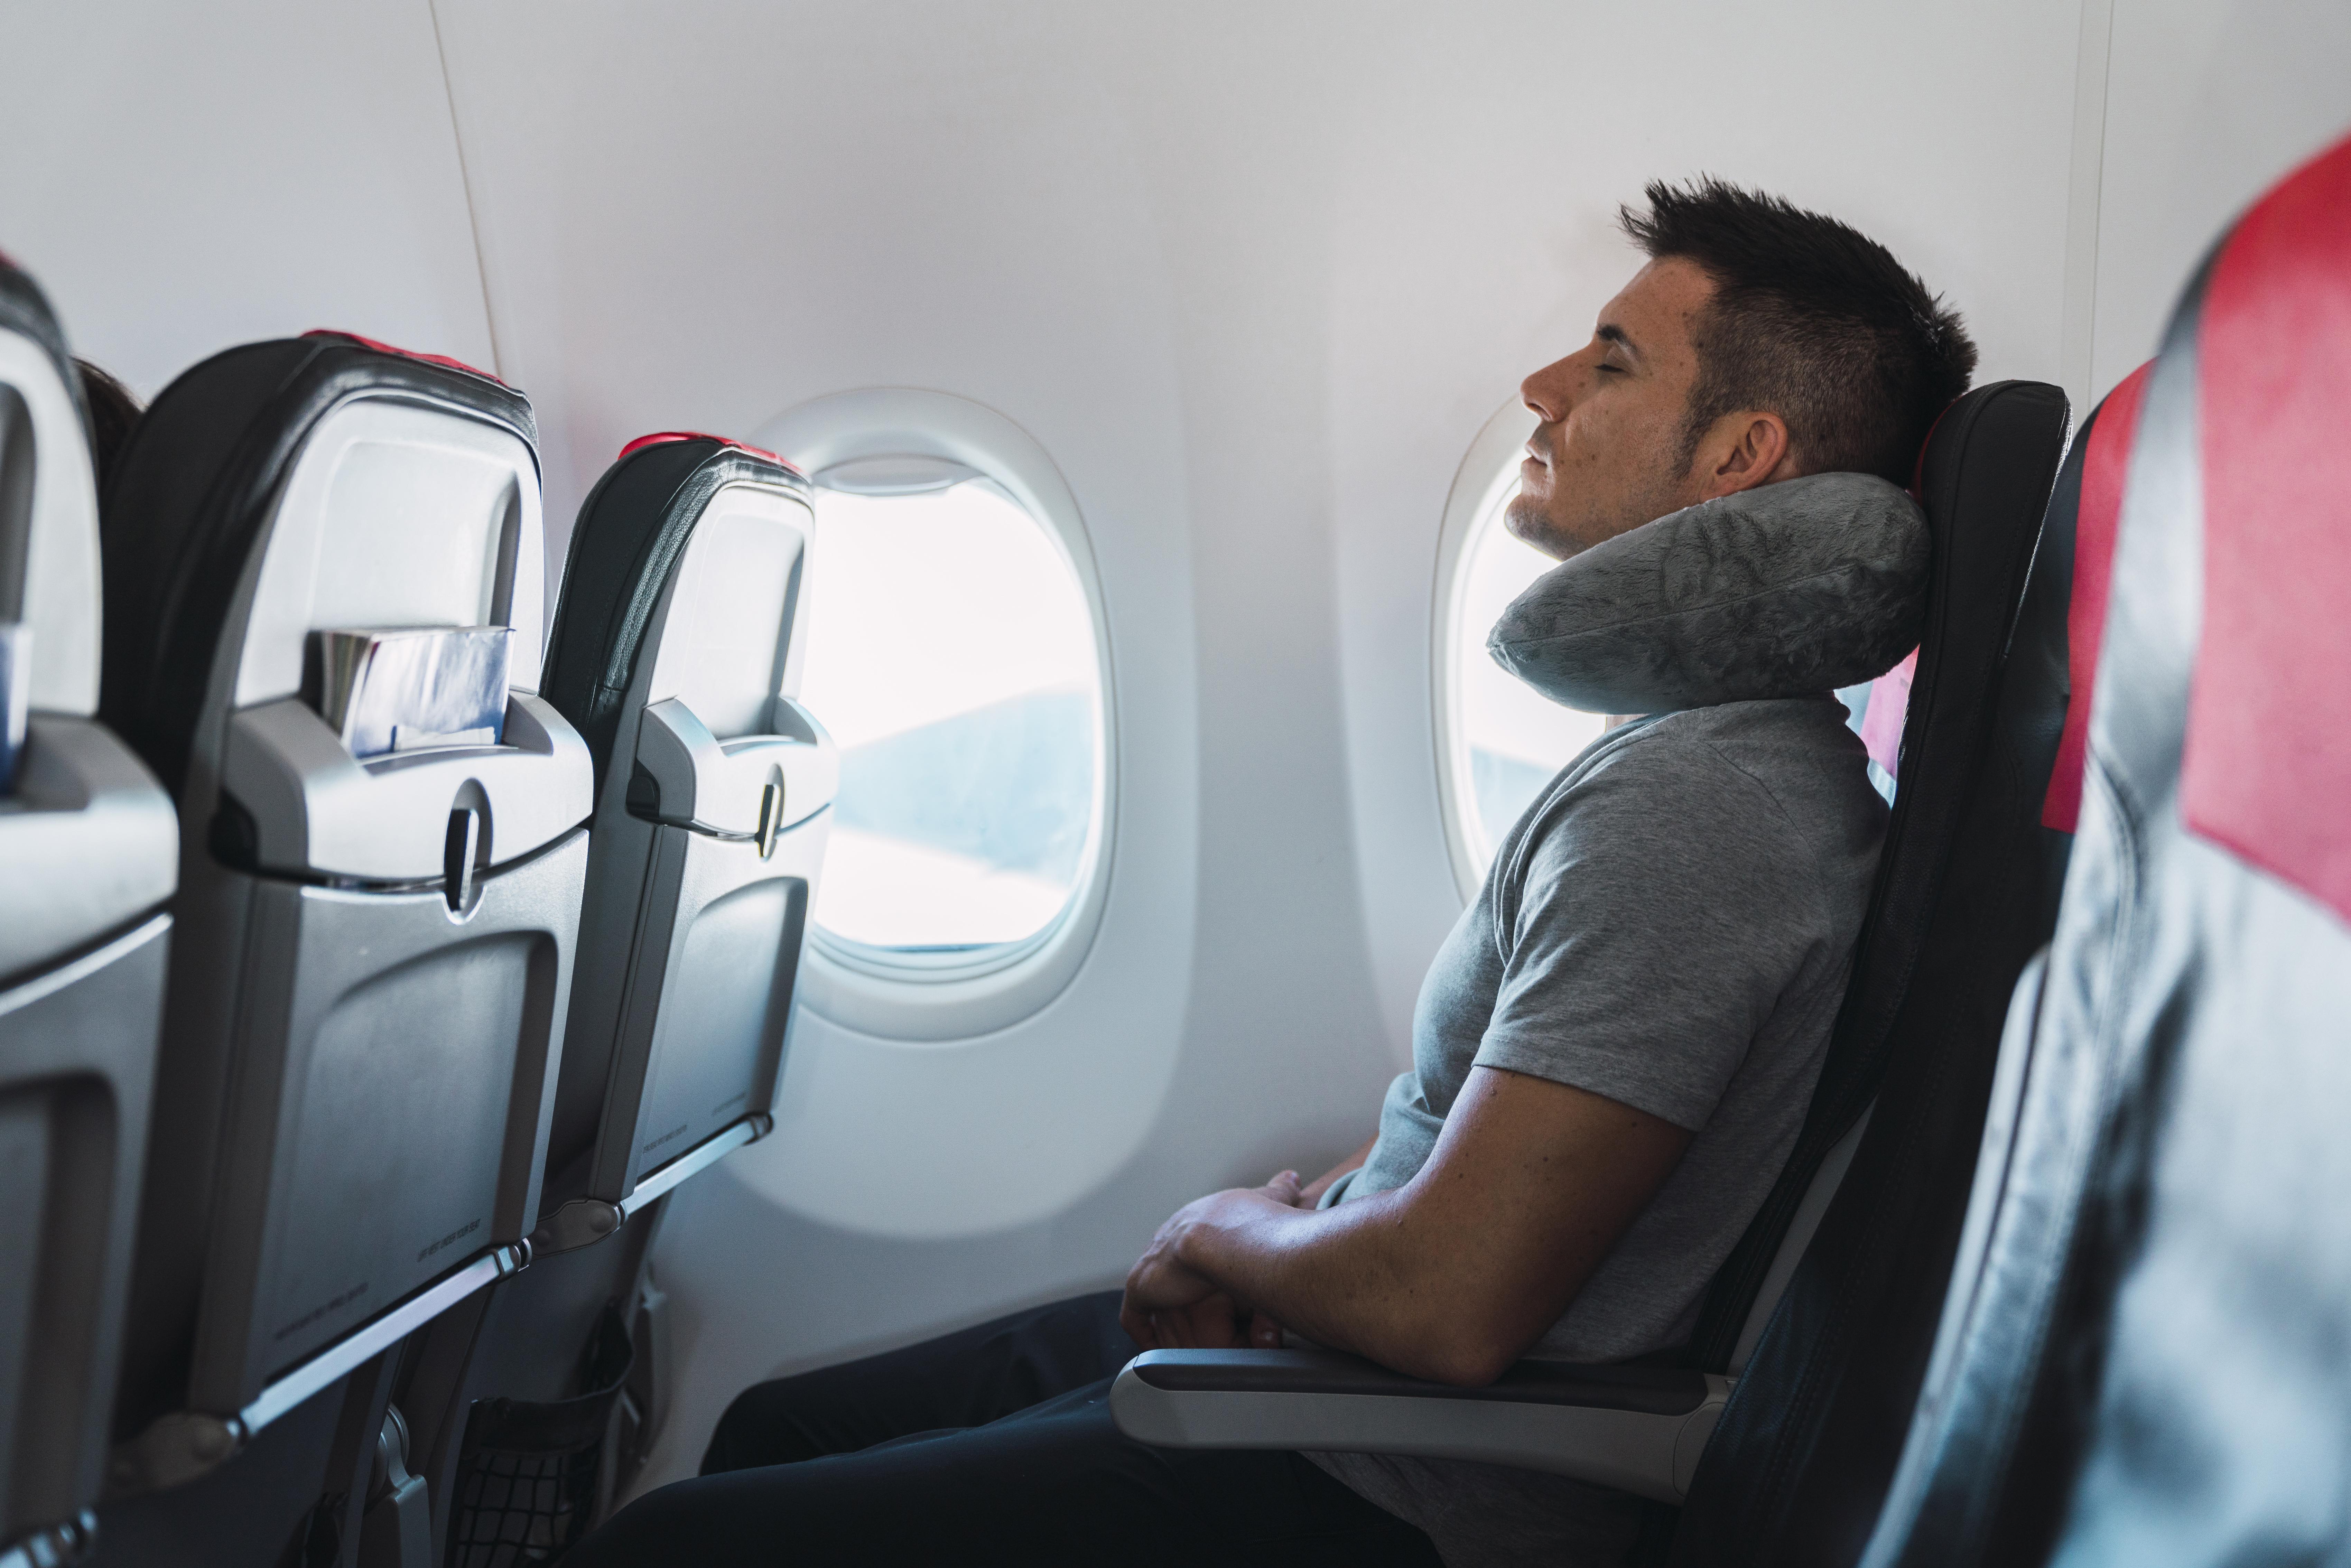 Homem no assento mais próximo a janela do avião